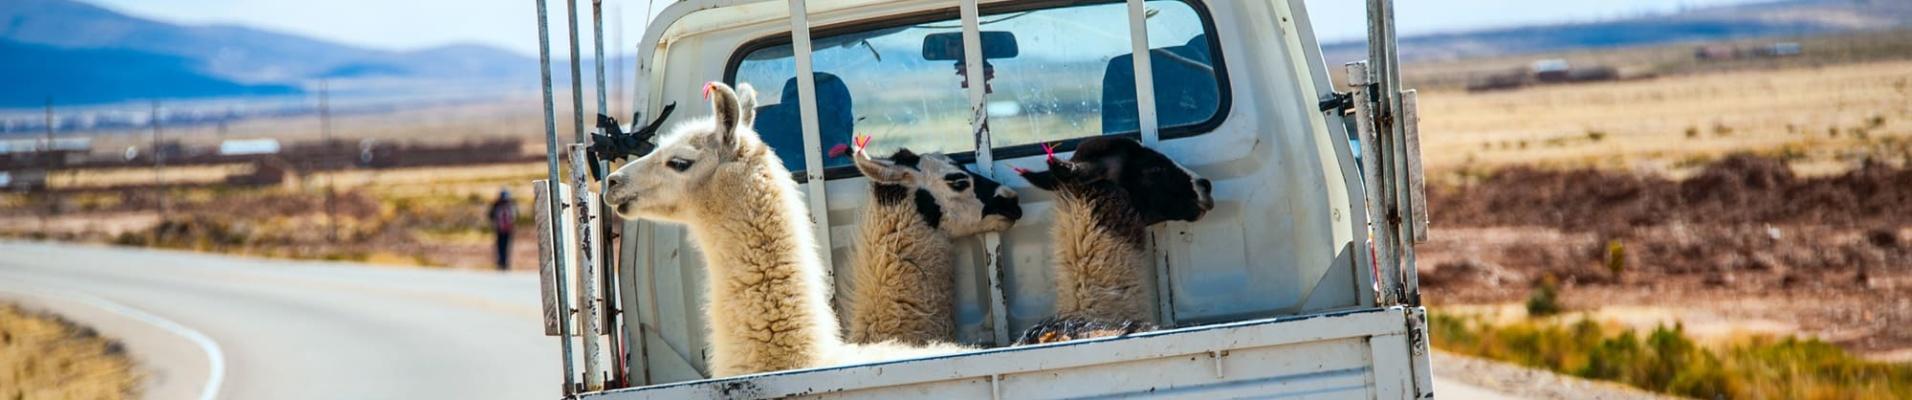 Lamas en voiture